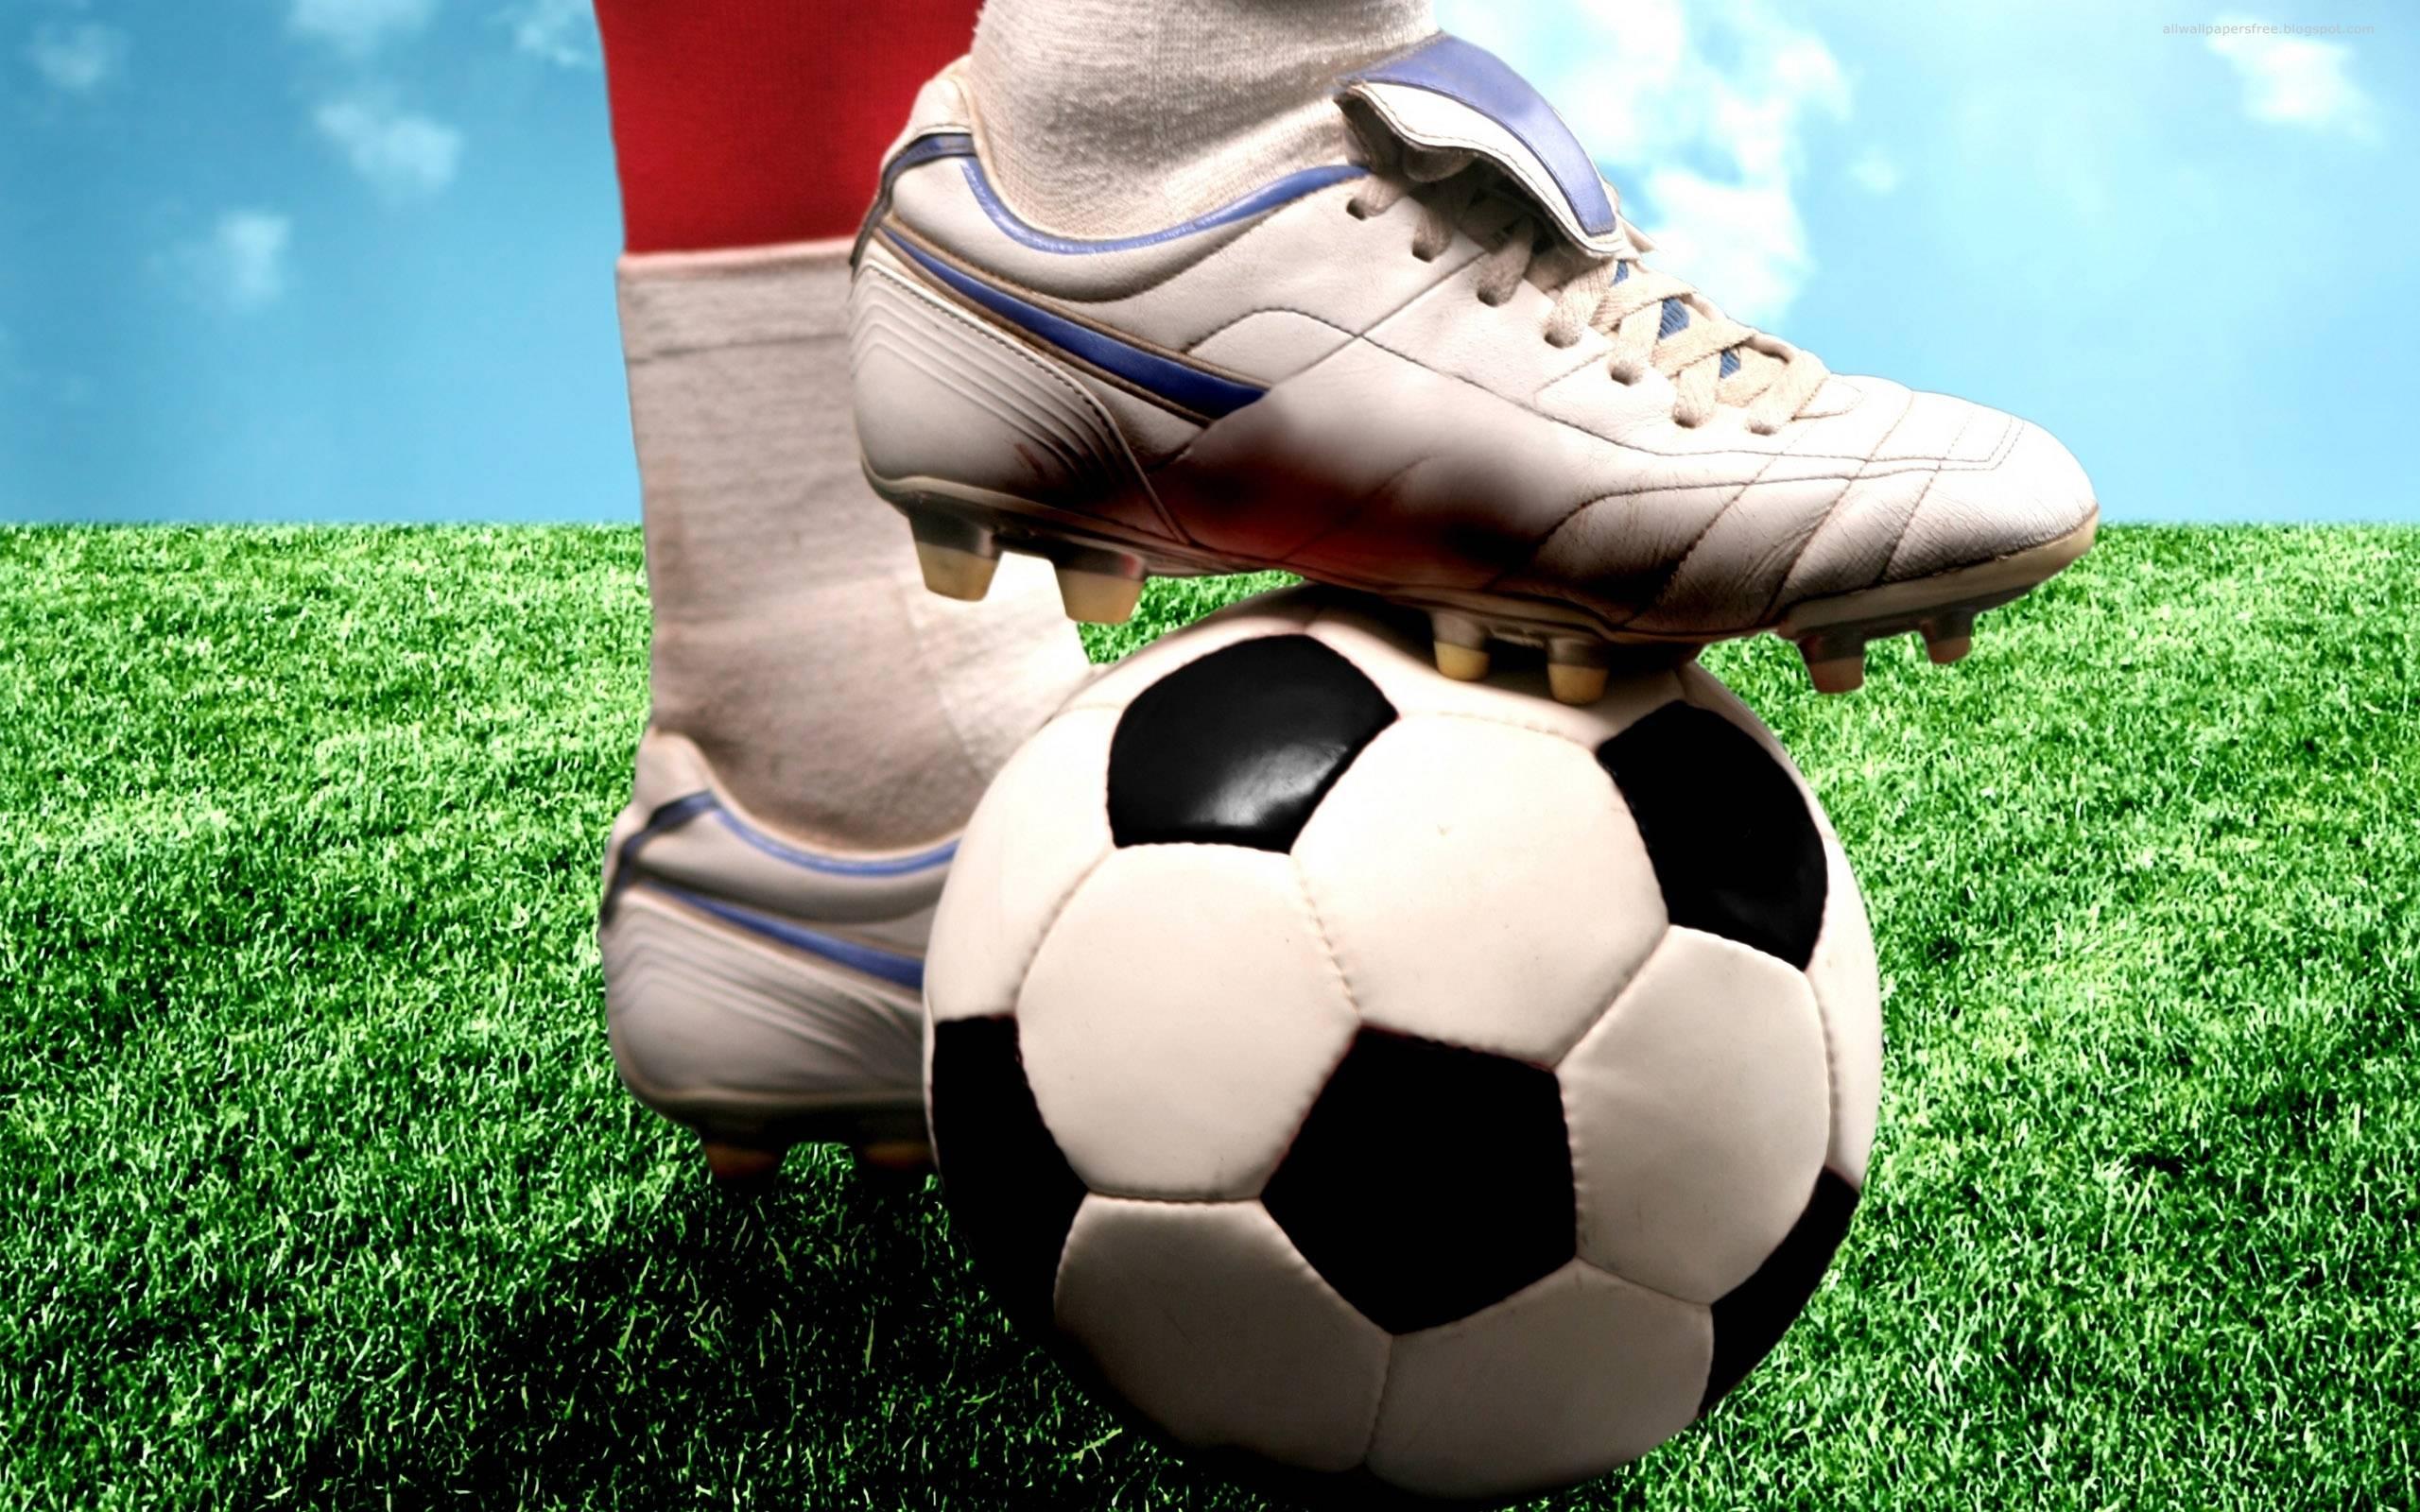 photos football wallpaper - photo #28